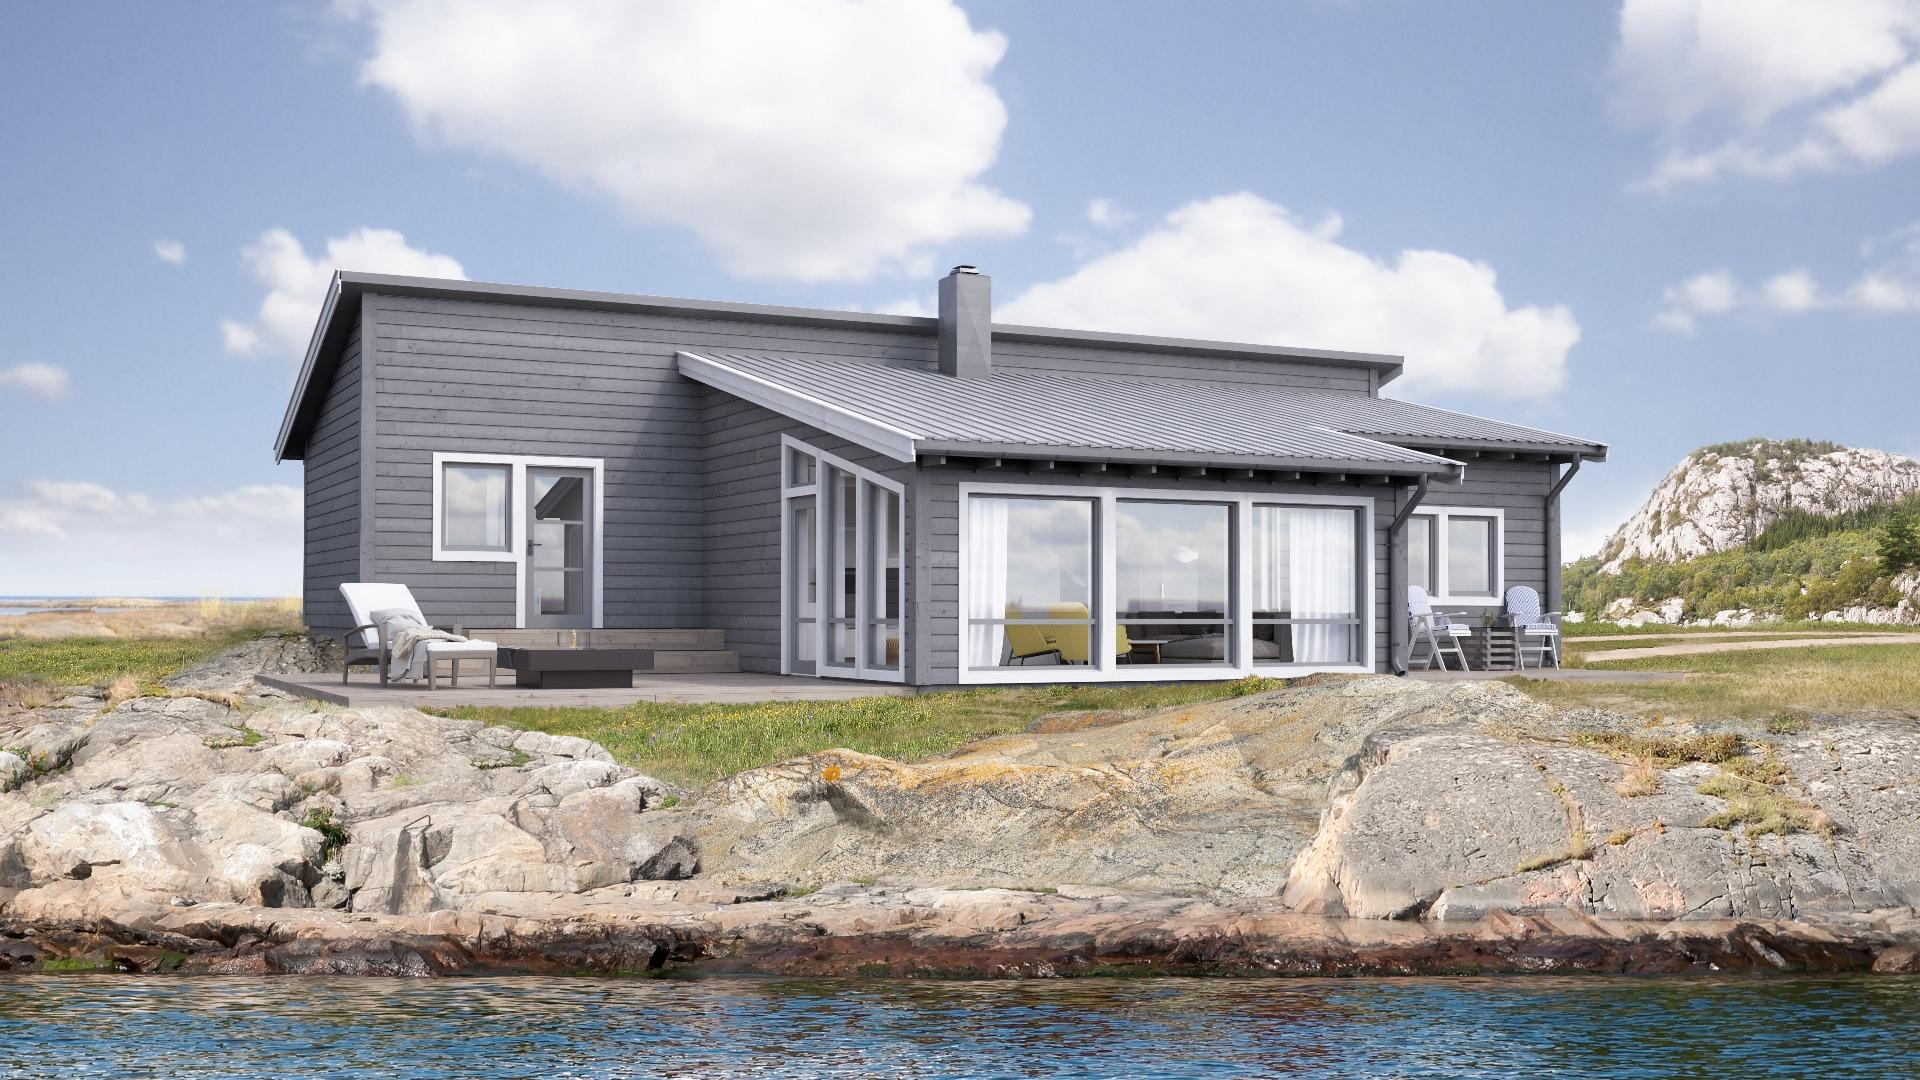 Selv om navnet på hytta tilsier at den hører til ved sjøen passer den også fint på fjellet